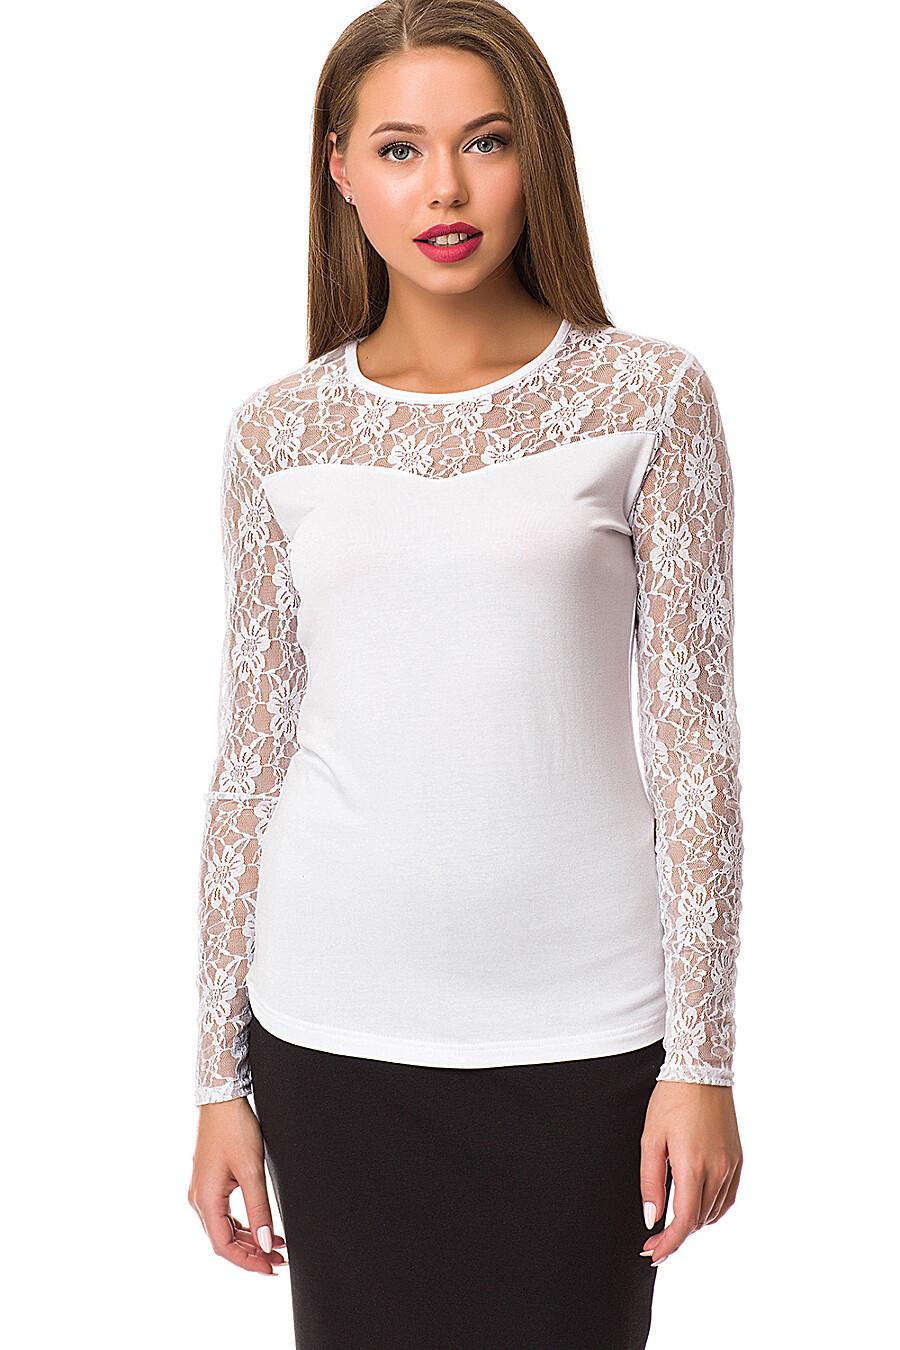 Блузка FOUR STYLES (119726), купить в Moyo.moda